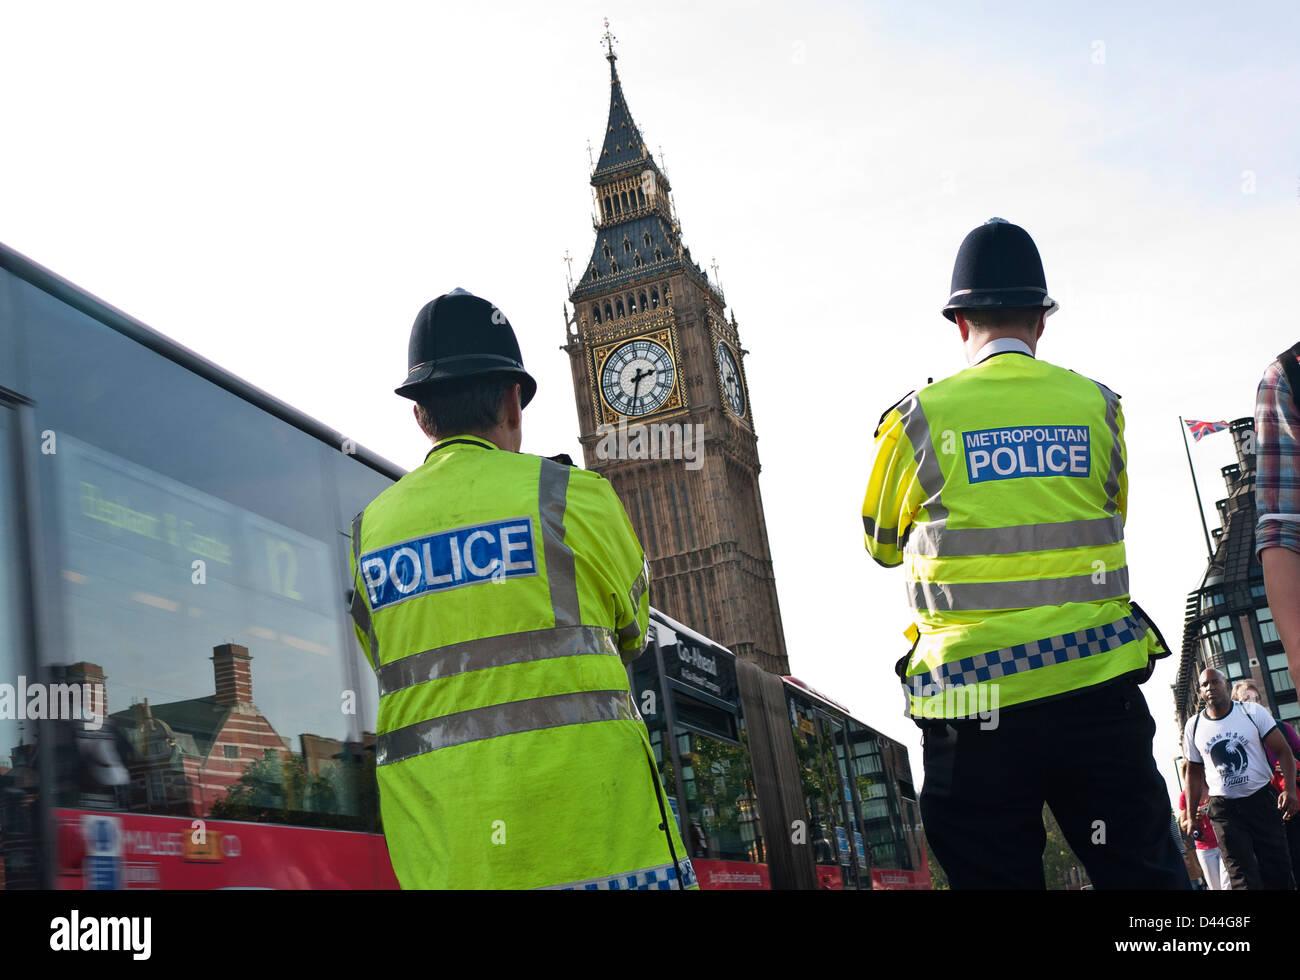 Agents de la Police métropolitaine de service sur le pont de Westminster Chambres du Parlement London UK Photo Stock